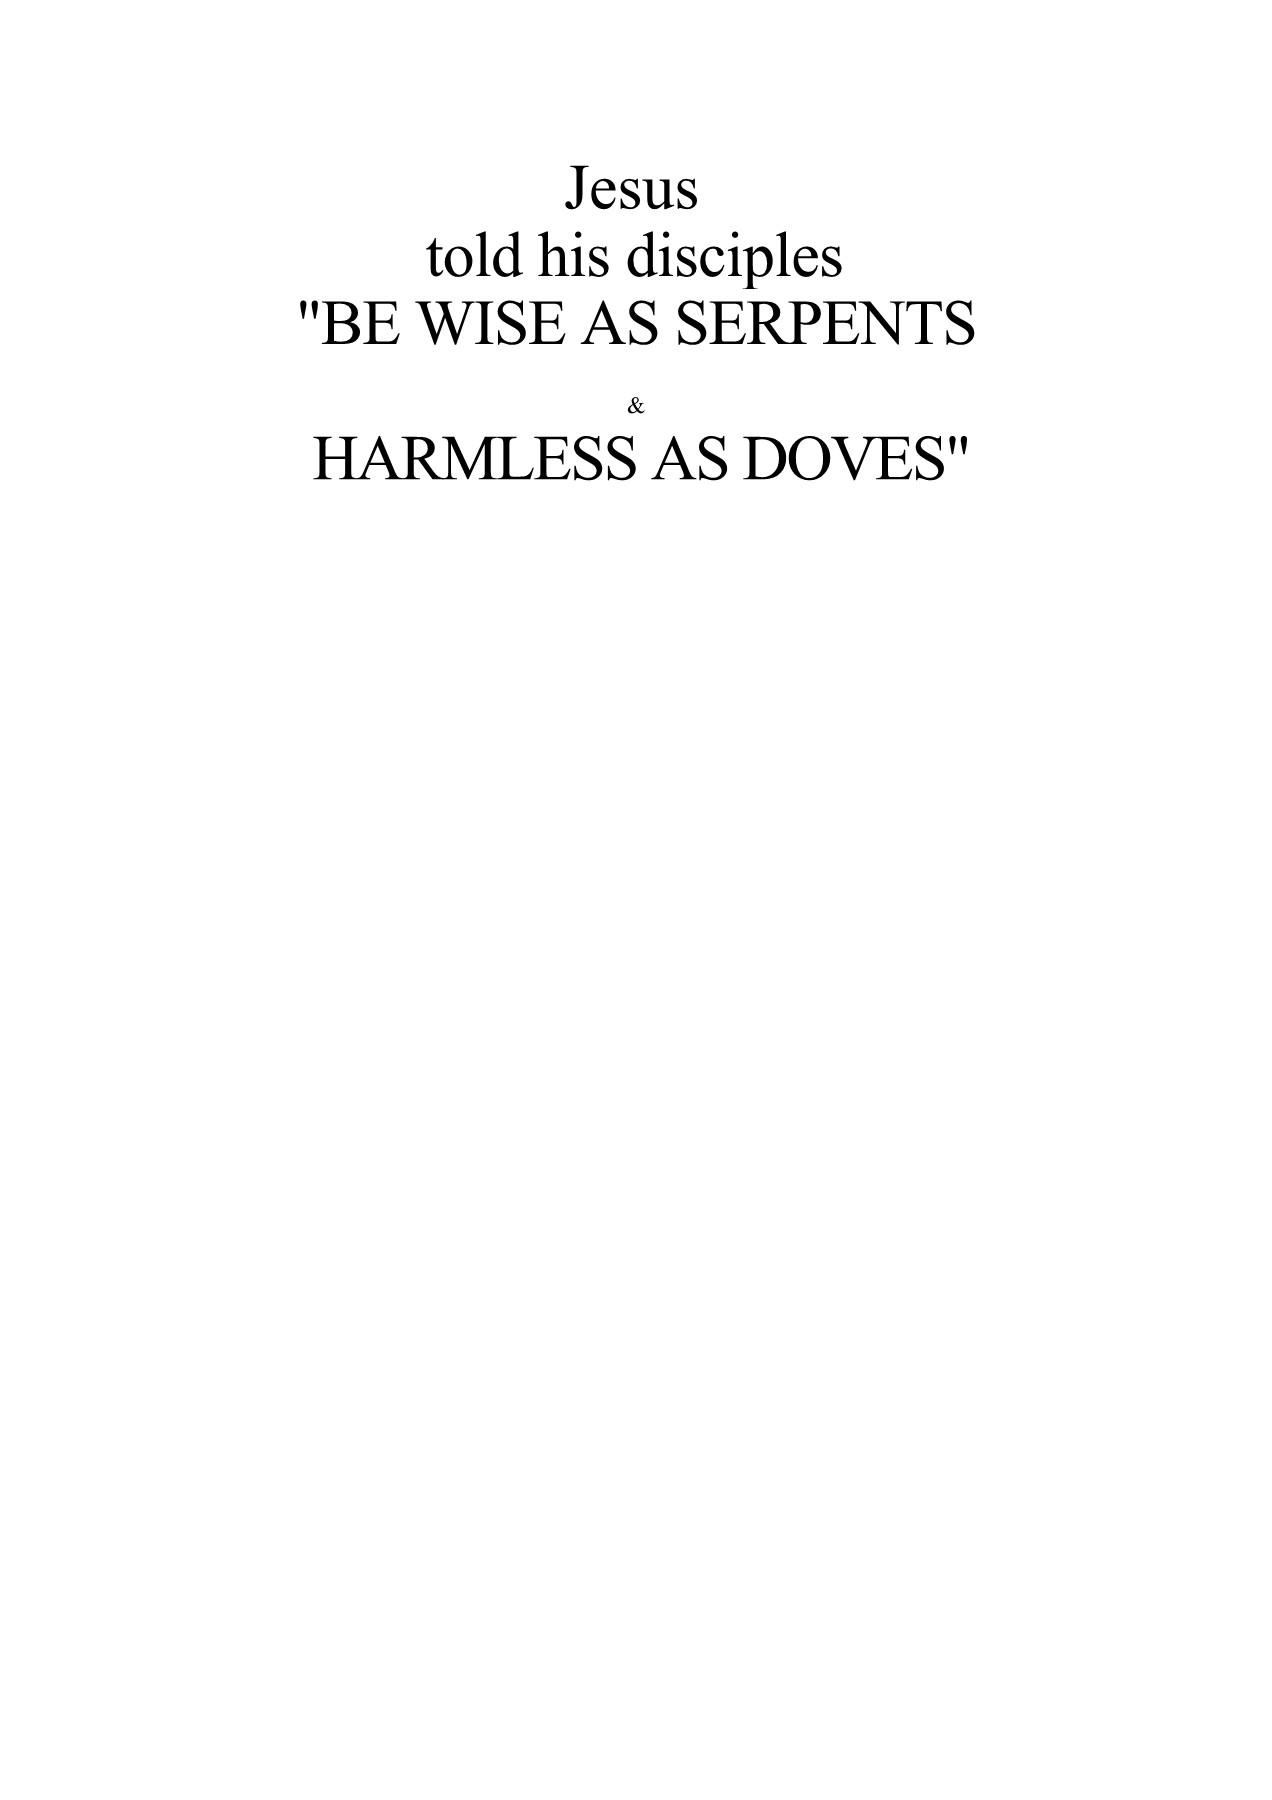 Be Wise As Serpents By Fritz Springmeier Guy Boulianne Flip Pdf Online Pubhtml5